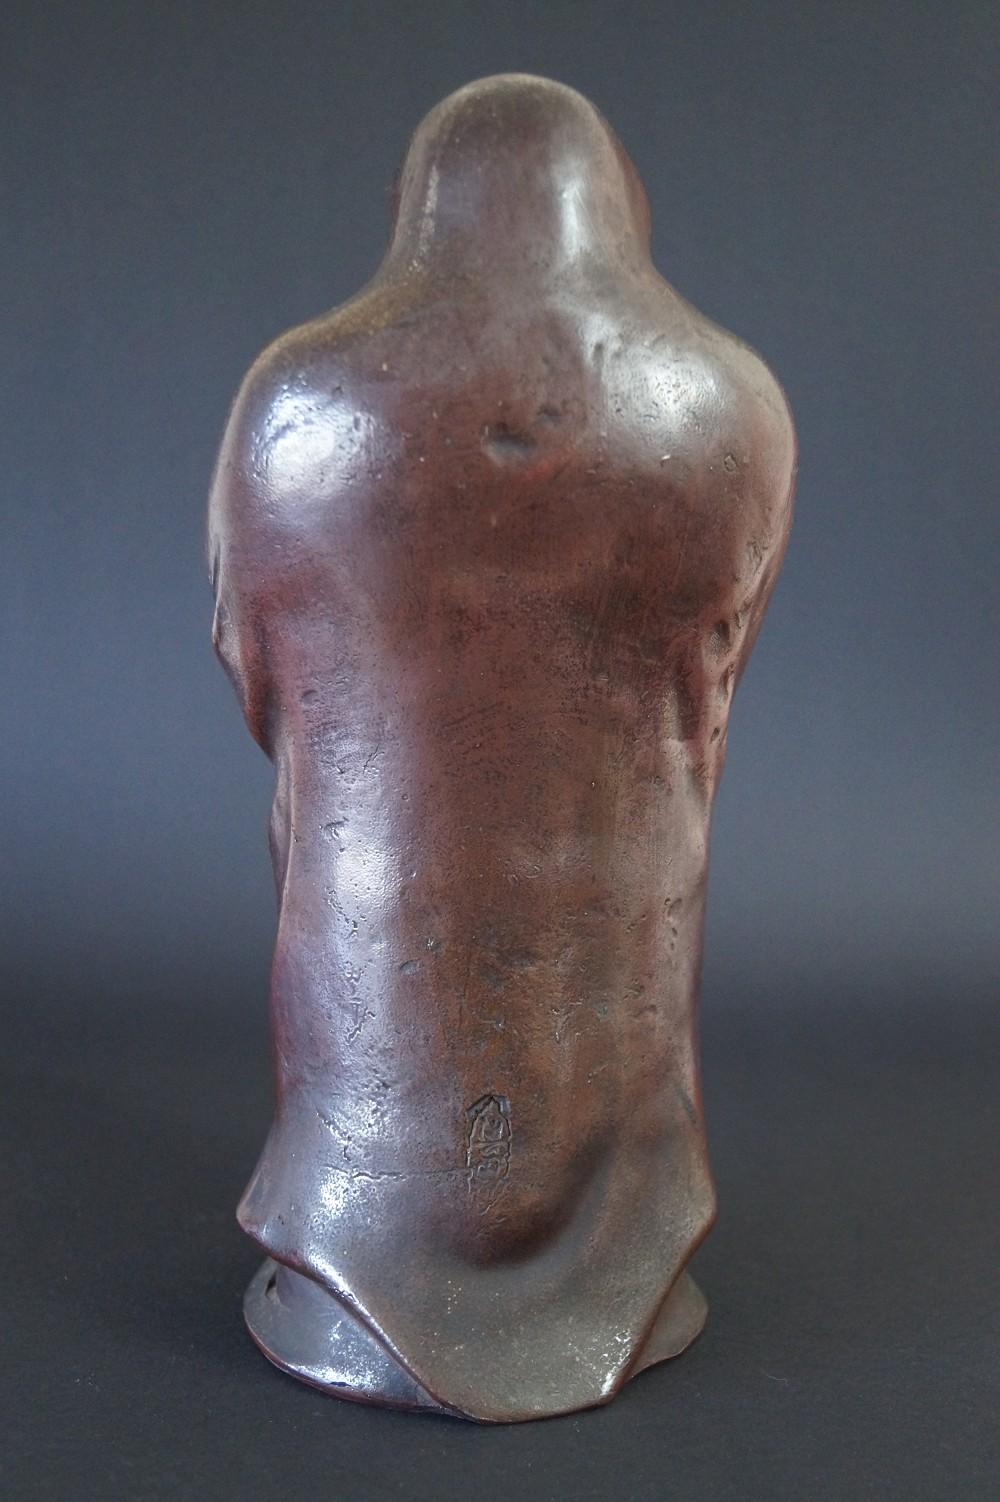 Japanische Bodhidharma (Daruma) Figur aus Bizen Keramik